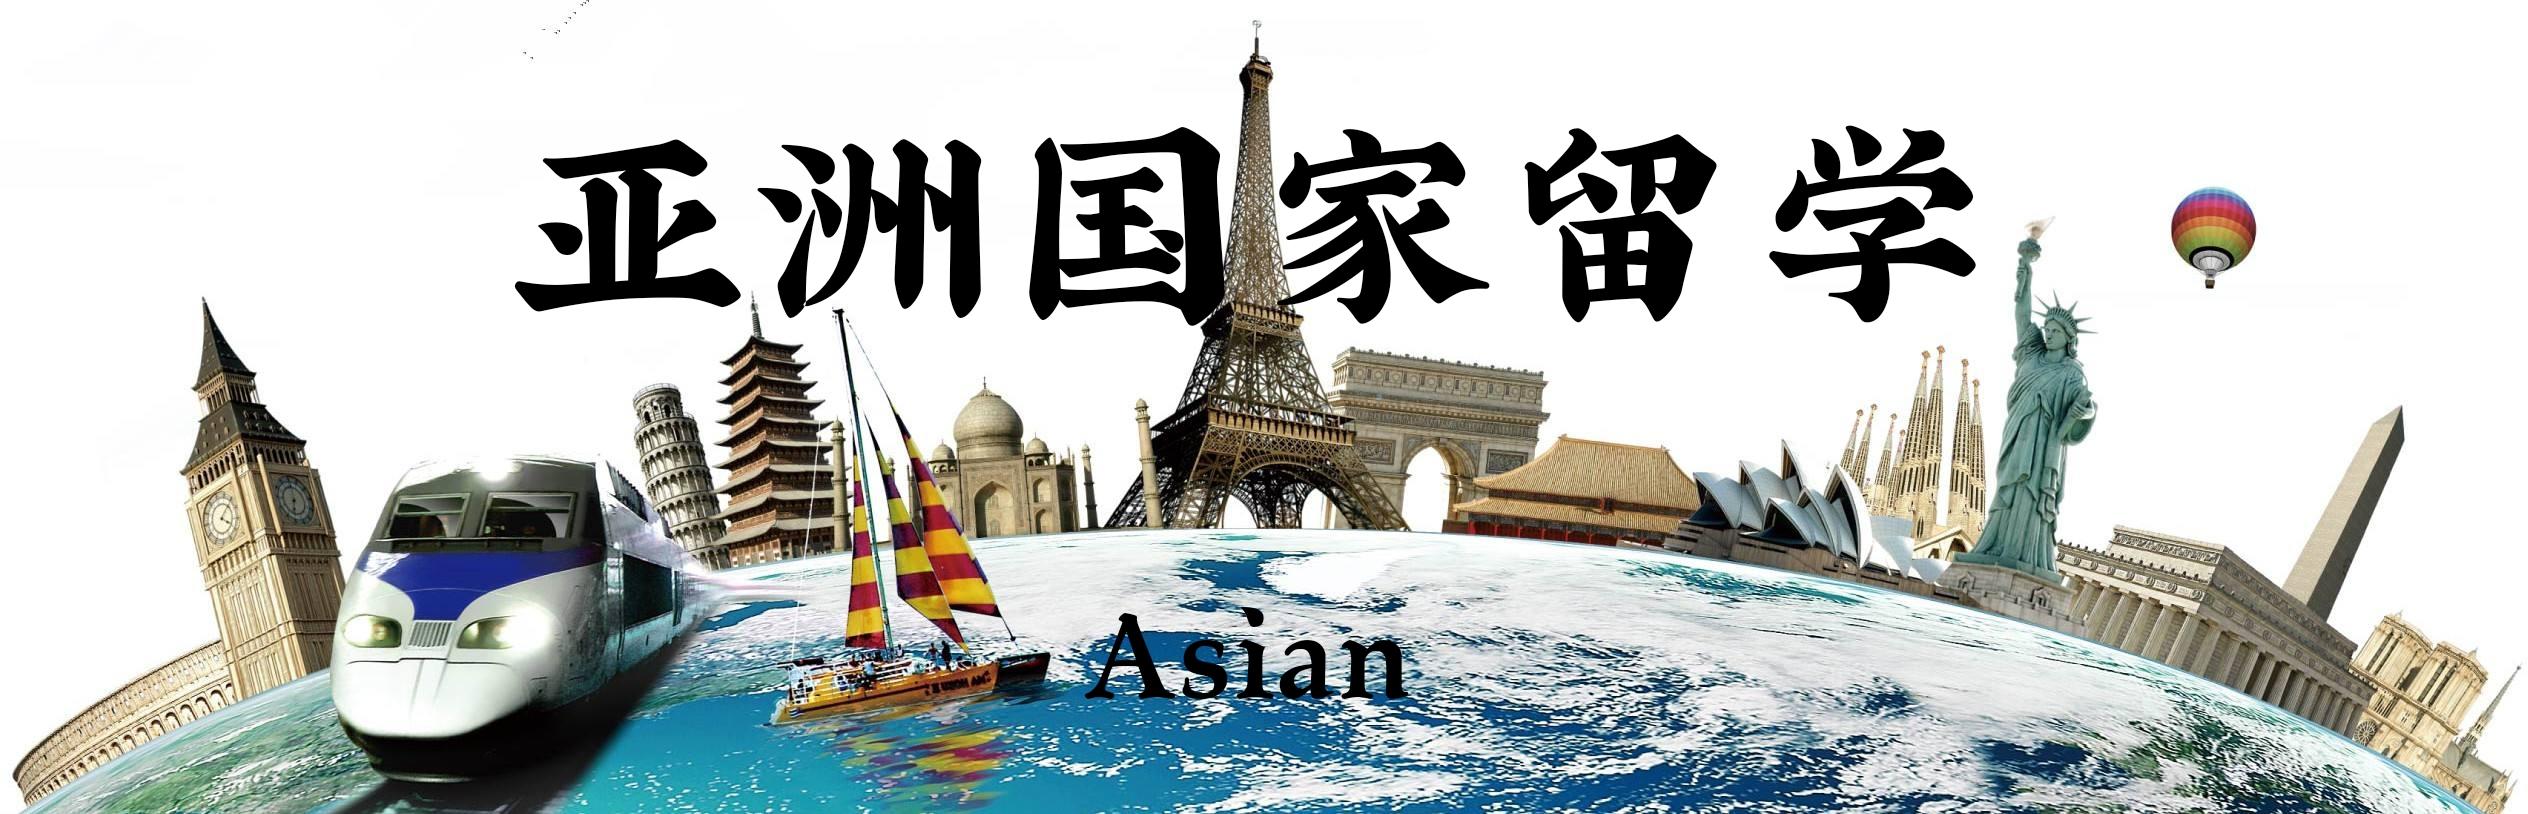 亞洲國家的留學和語言學習你了解嗎?西林龍躍教育告訴你